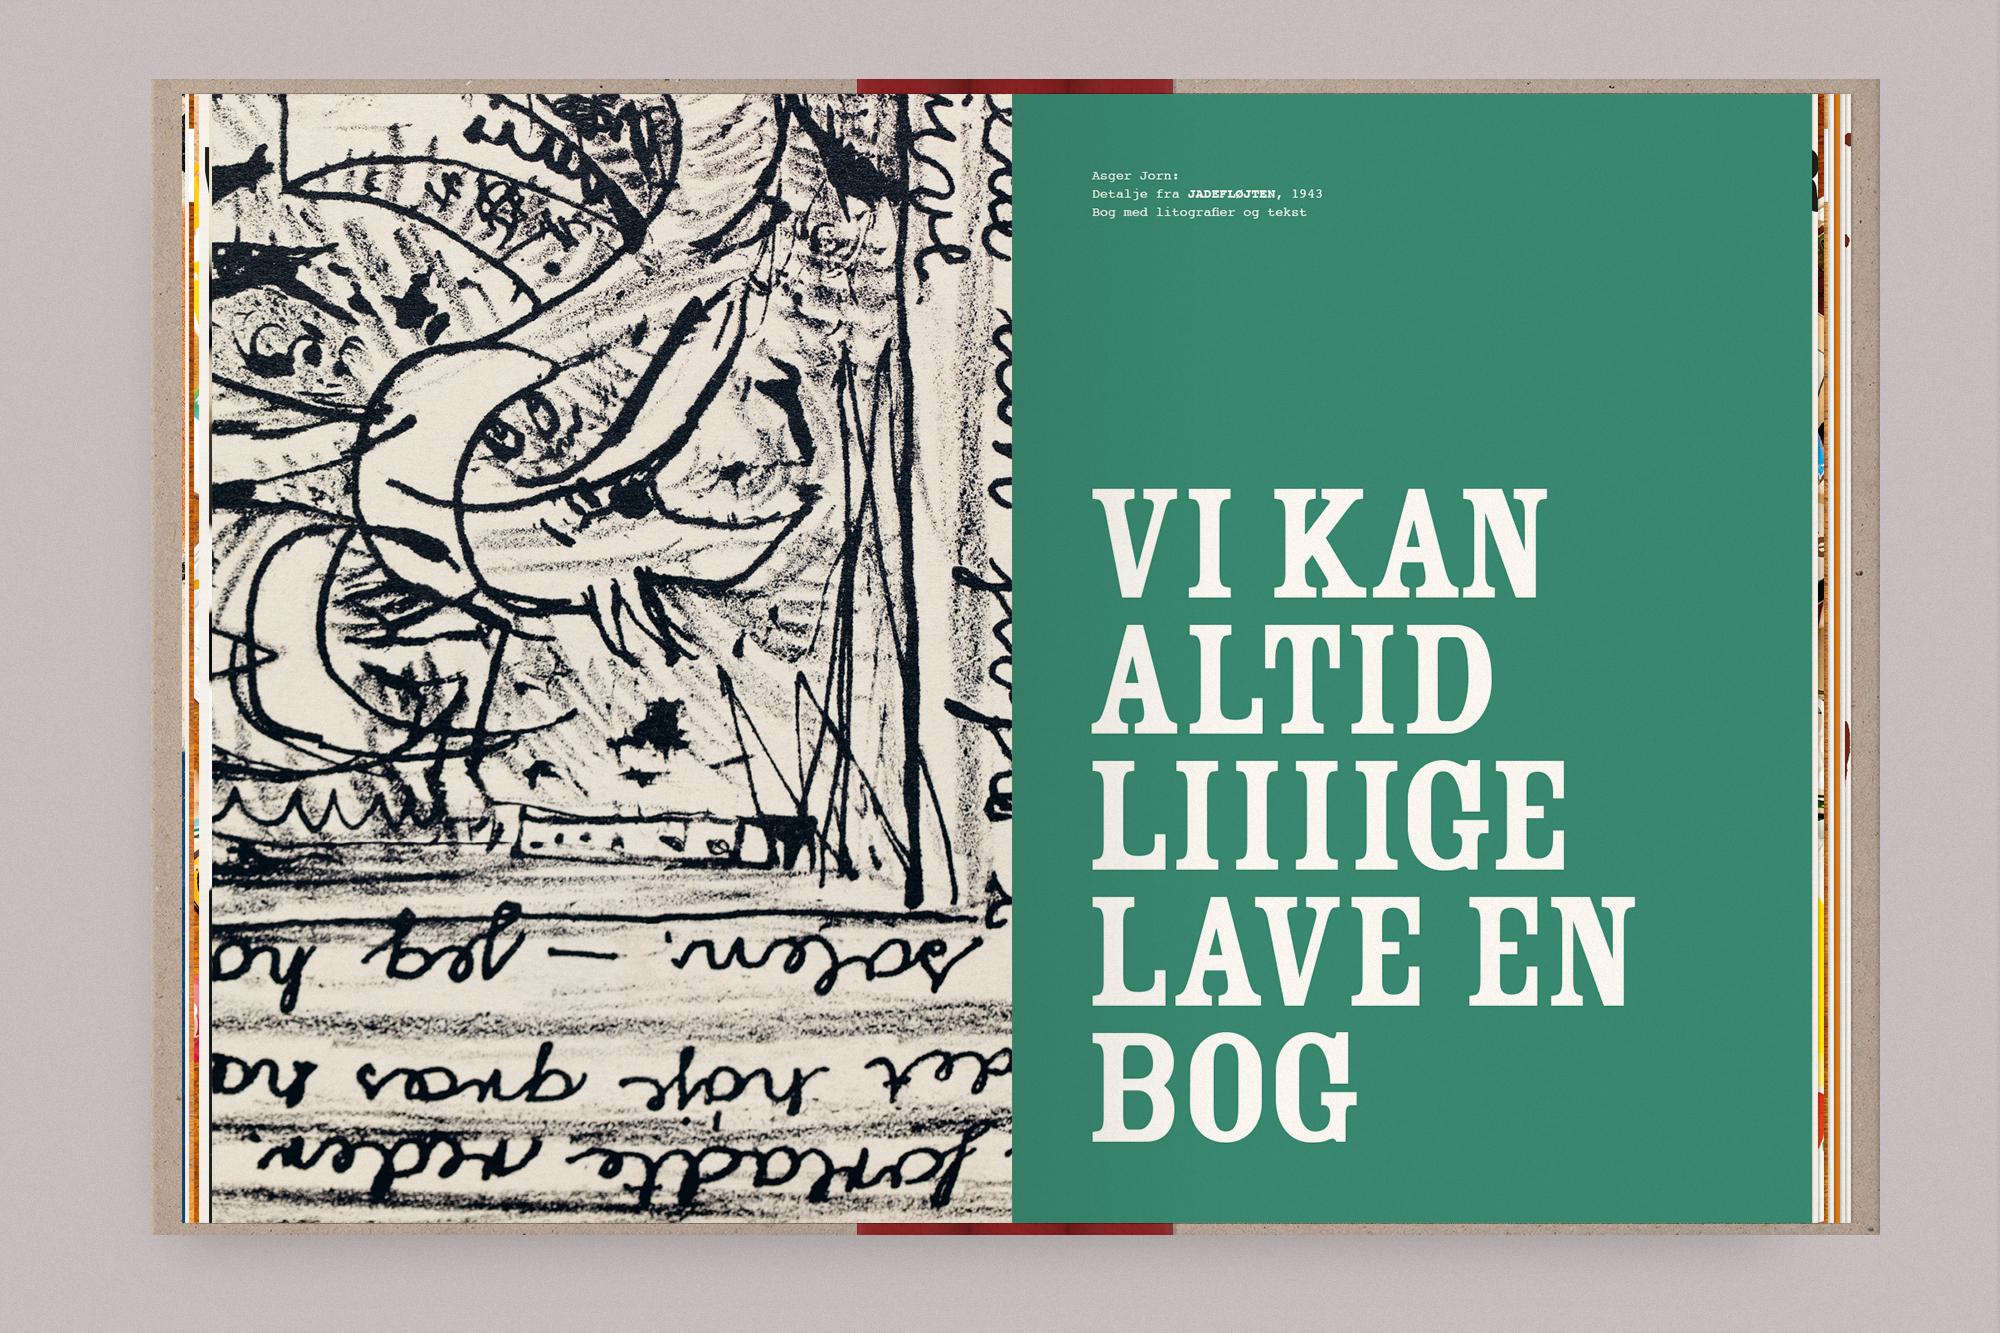 100-eksperimenter-asger-jorn-bogdesign-grafisk-museum-malene-hald-17